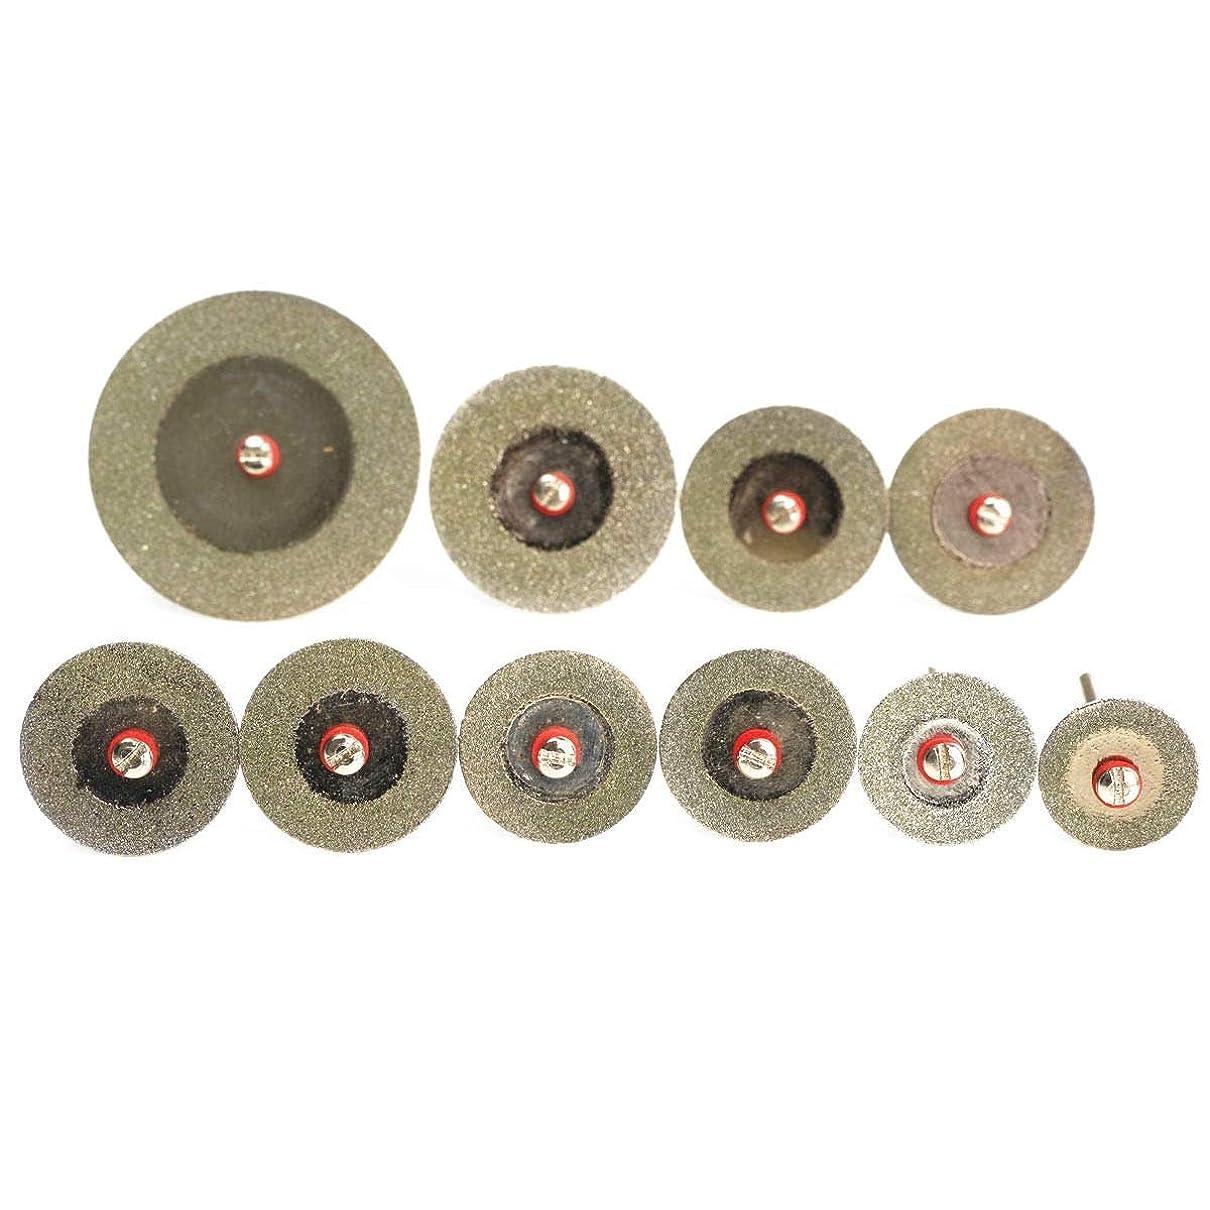 集まる検査官不器用ST-ST 回転工具の鋸刃のためにディスクセットミニドリルカットオフホイールソーブレードキットカット10個入り16?40ミリメートルダイヤモンド